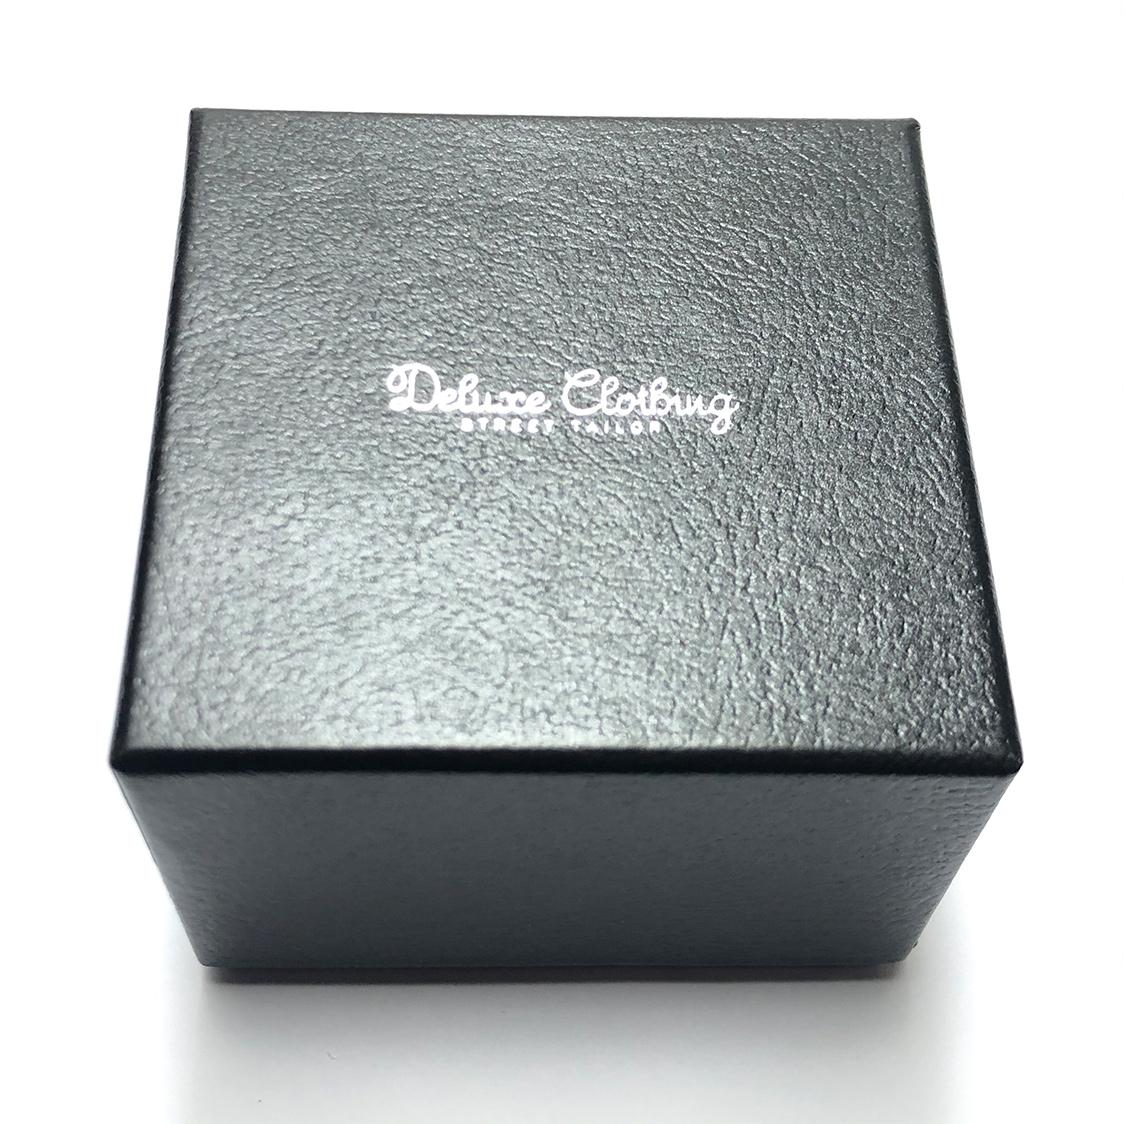 新品【定価7,350円】DELUXE CLOTHING デラックス クロージング ACE シルバー ピアス アポロ コンチョ / イヤリング